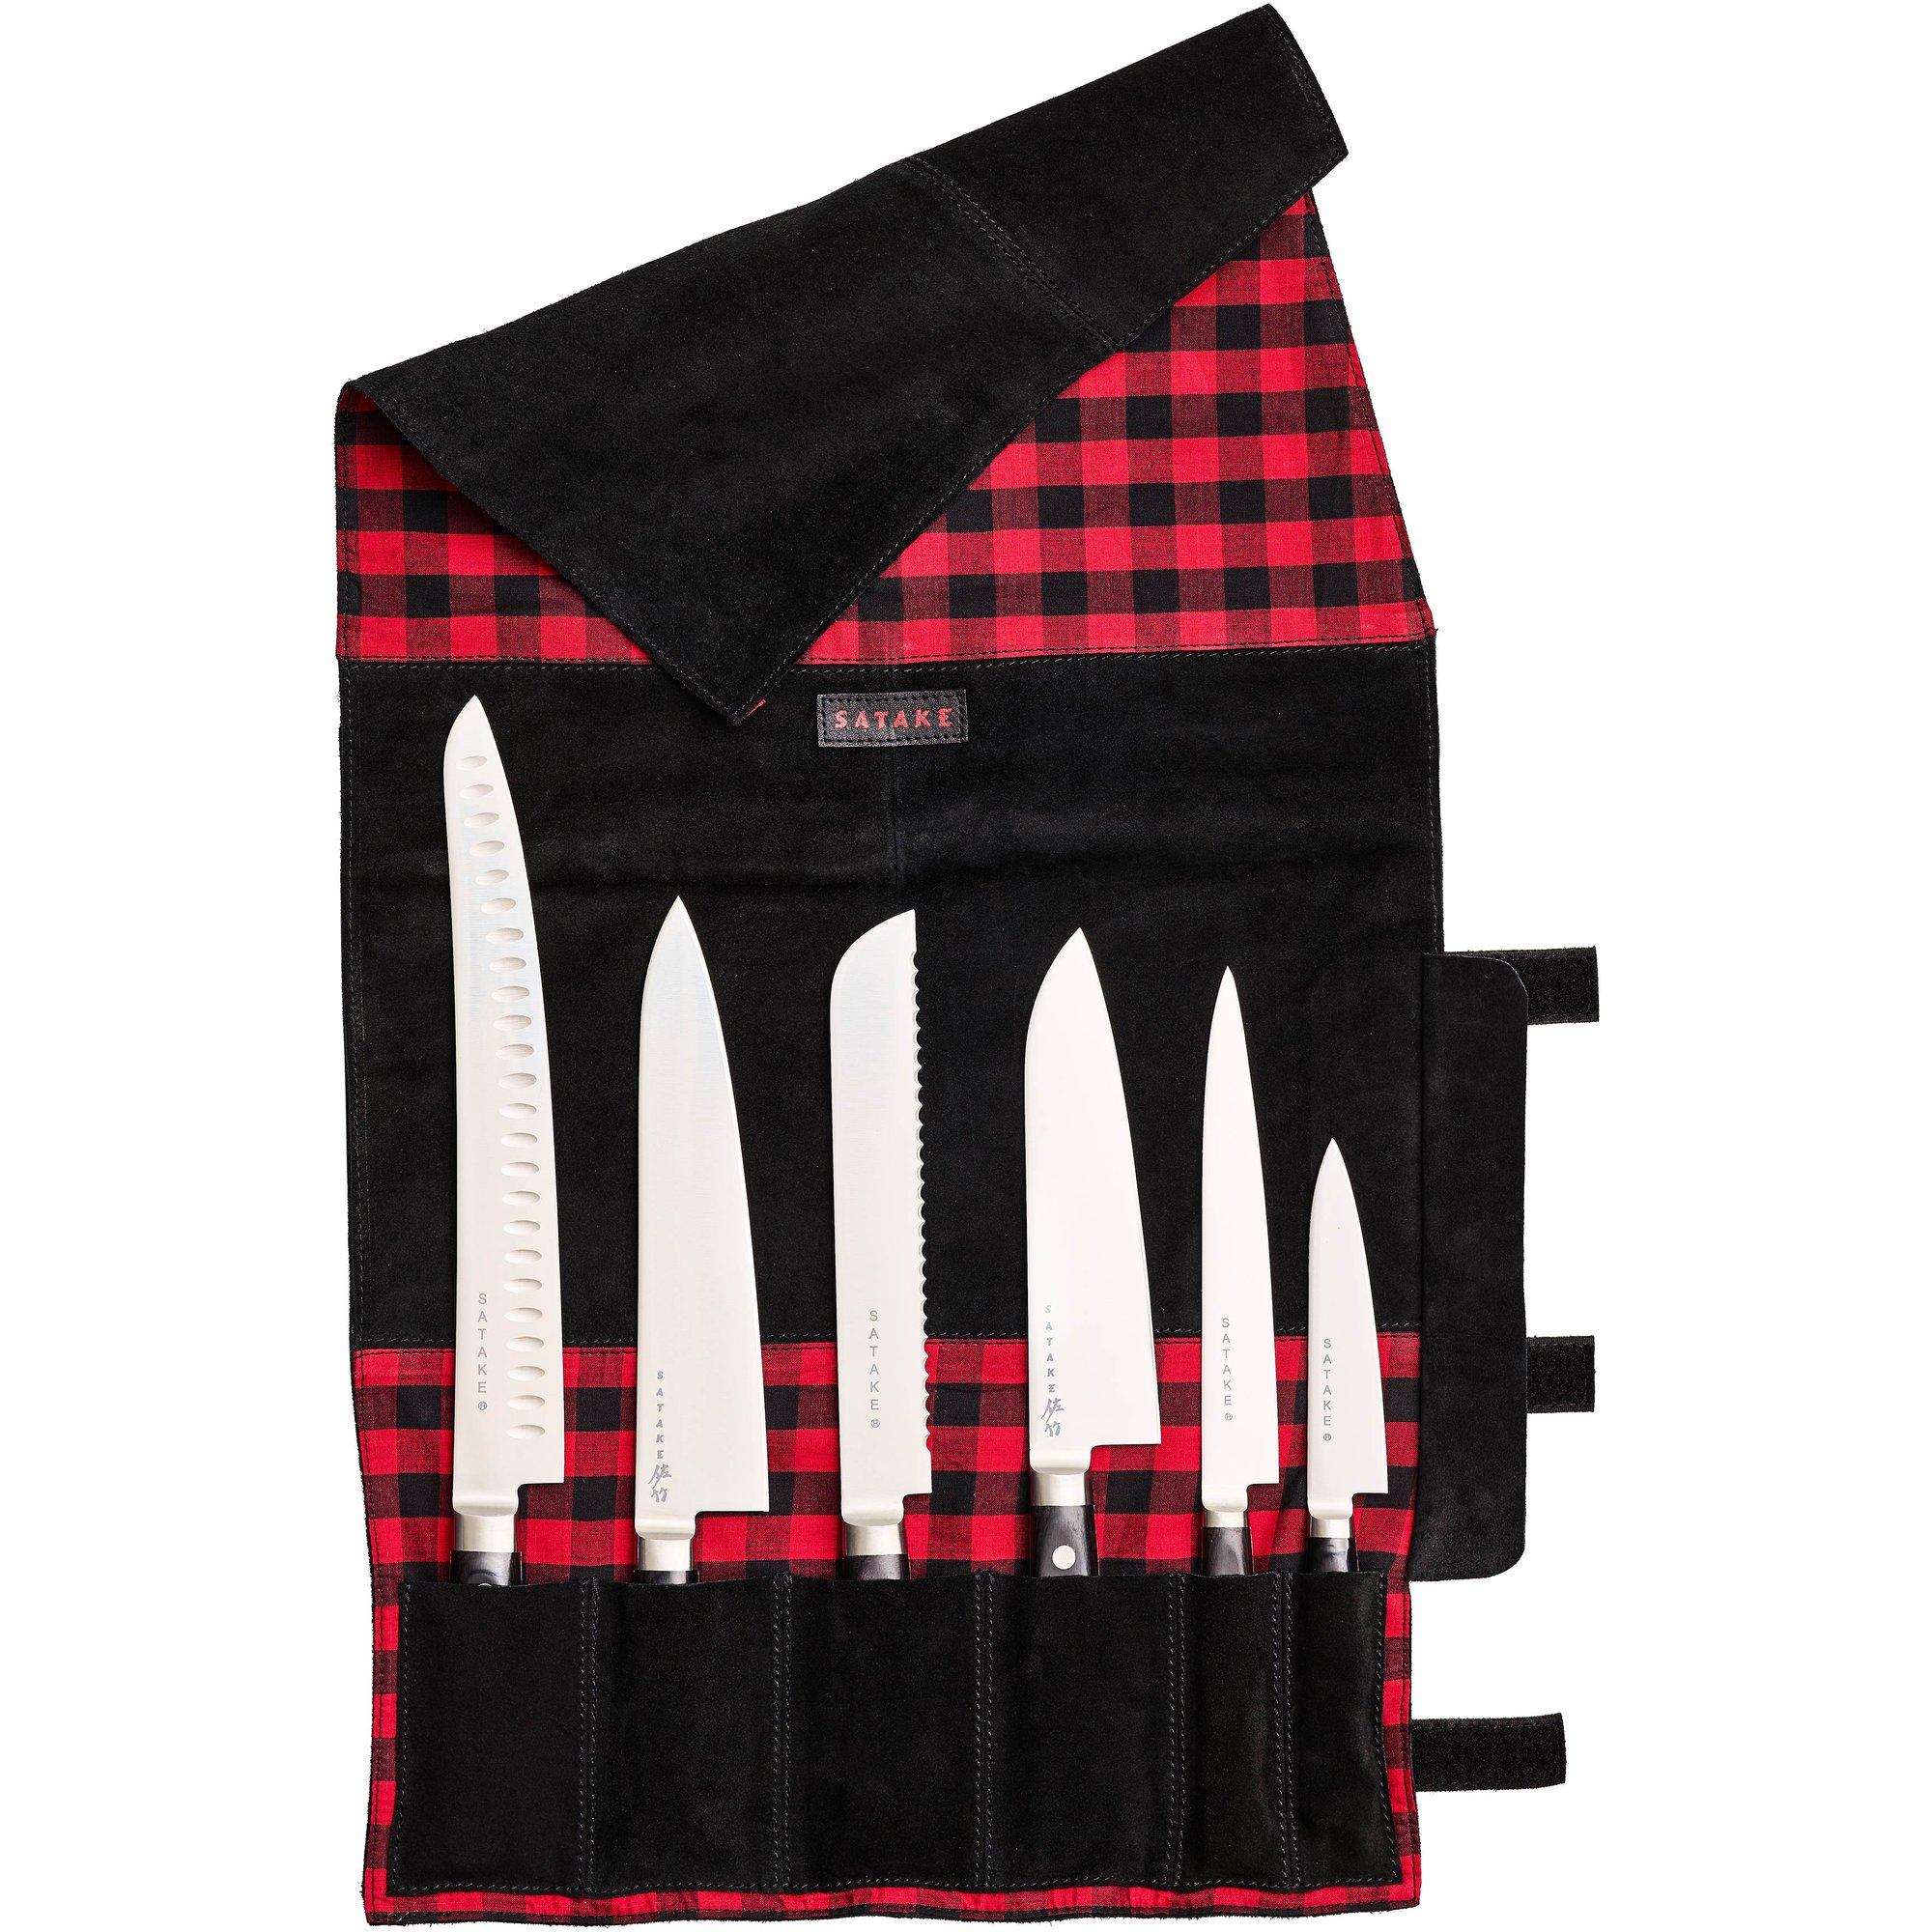 Satake Knivrulle 6 knivar